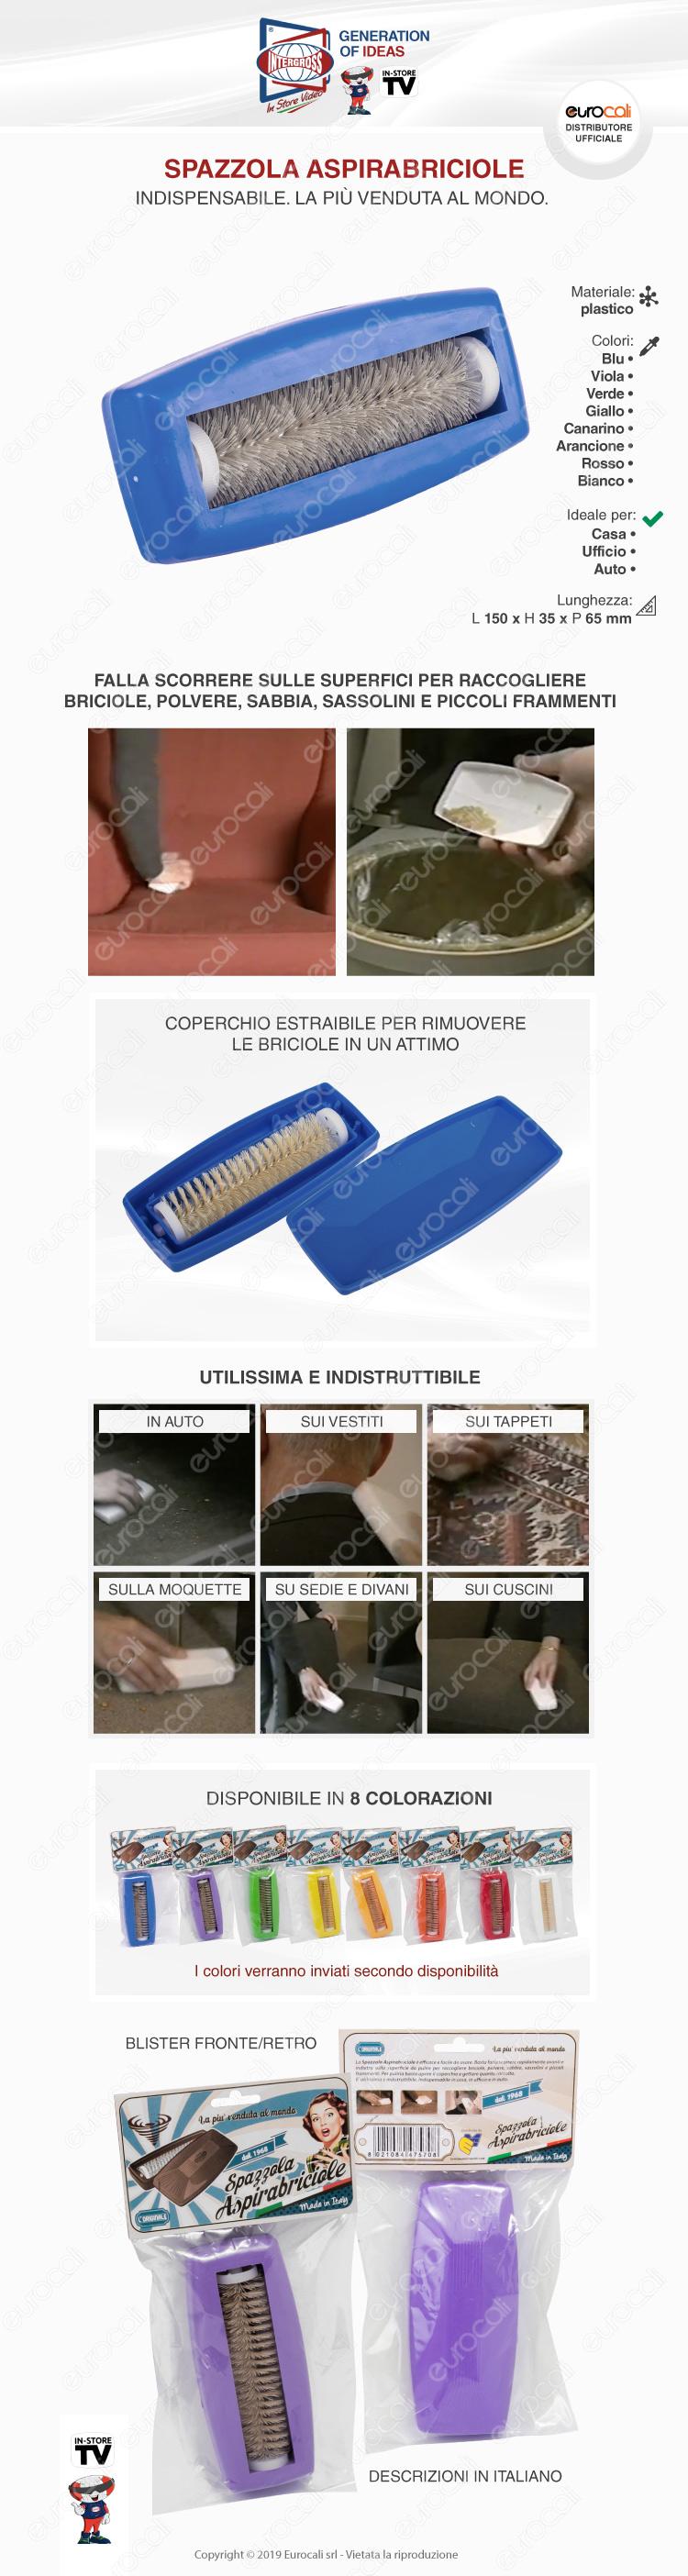 Intergross Spazzola Aspirabriciole Manuale con Rullo